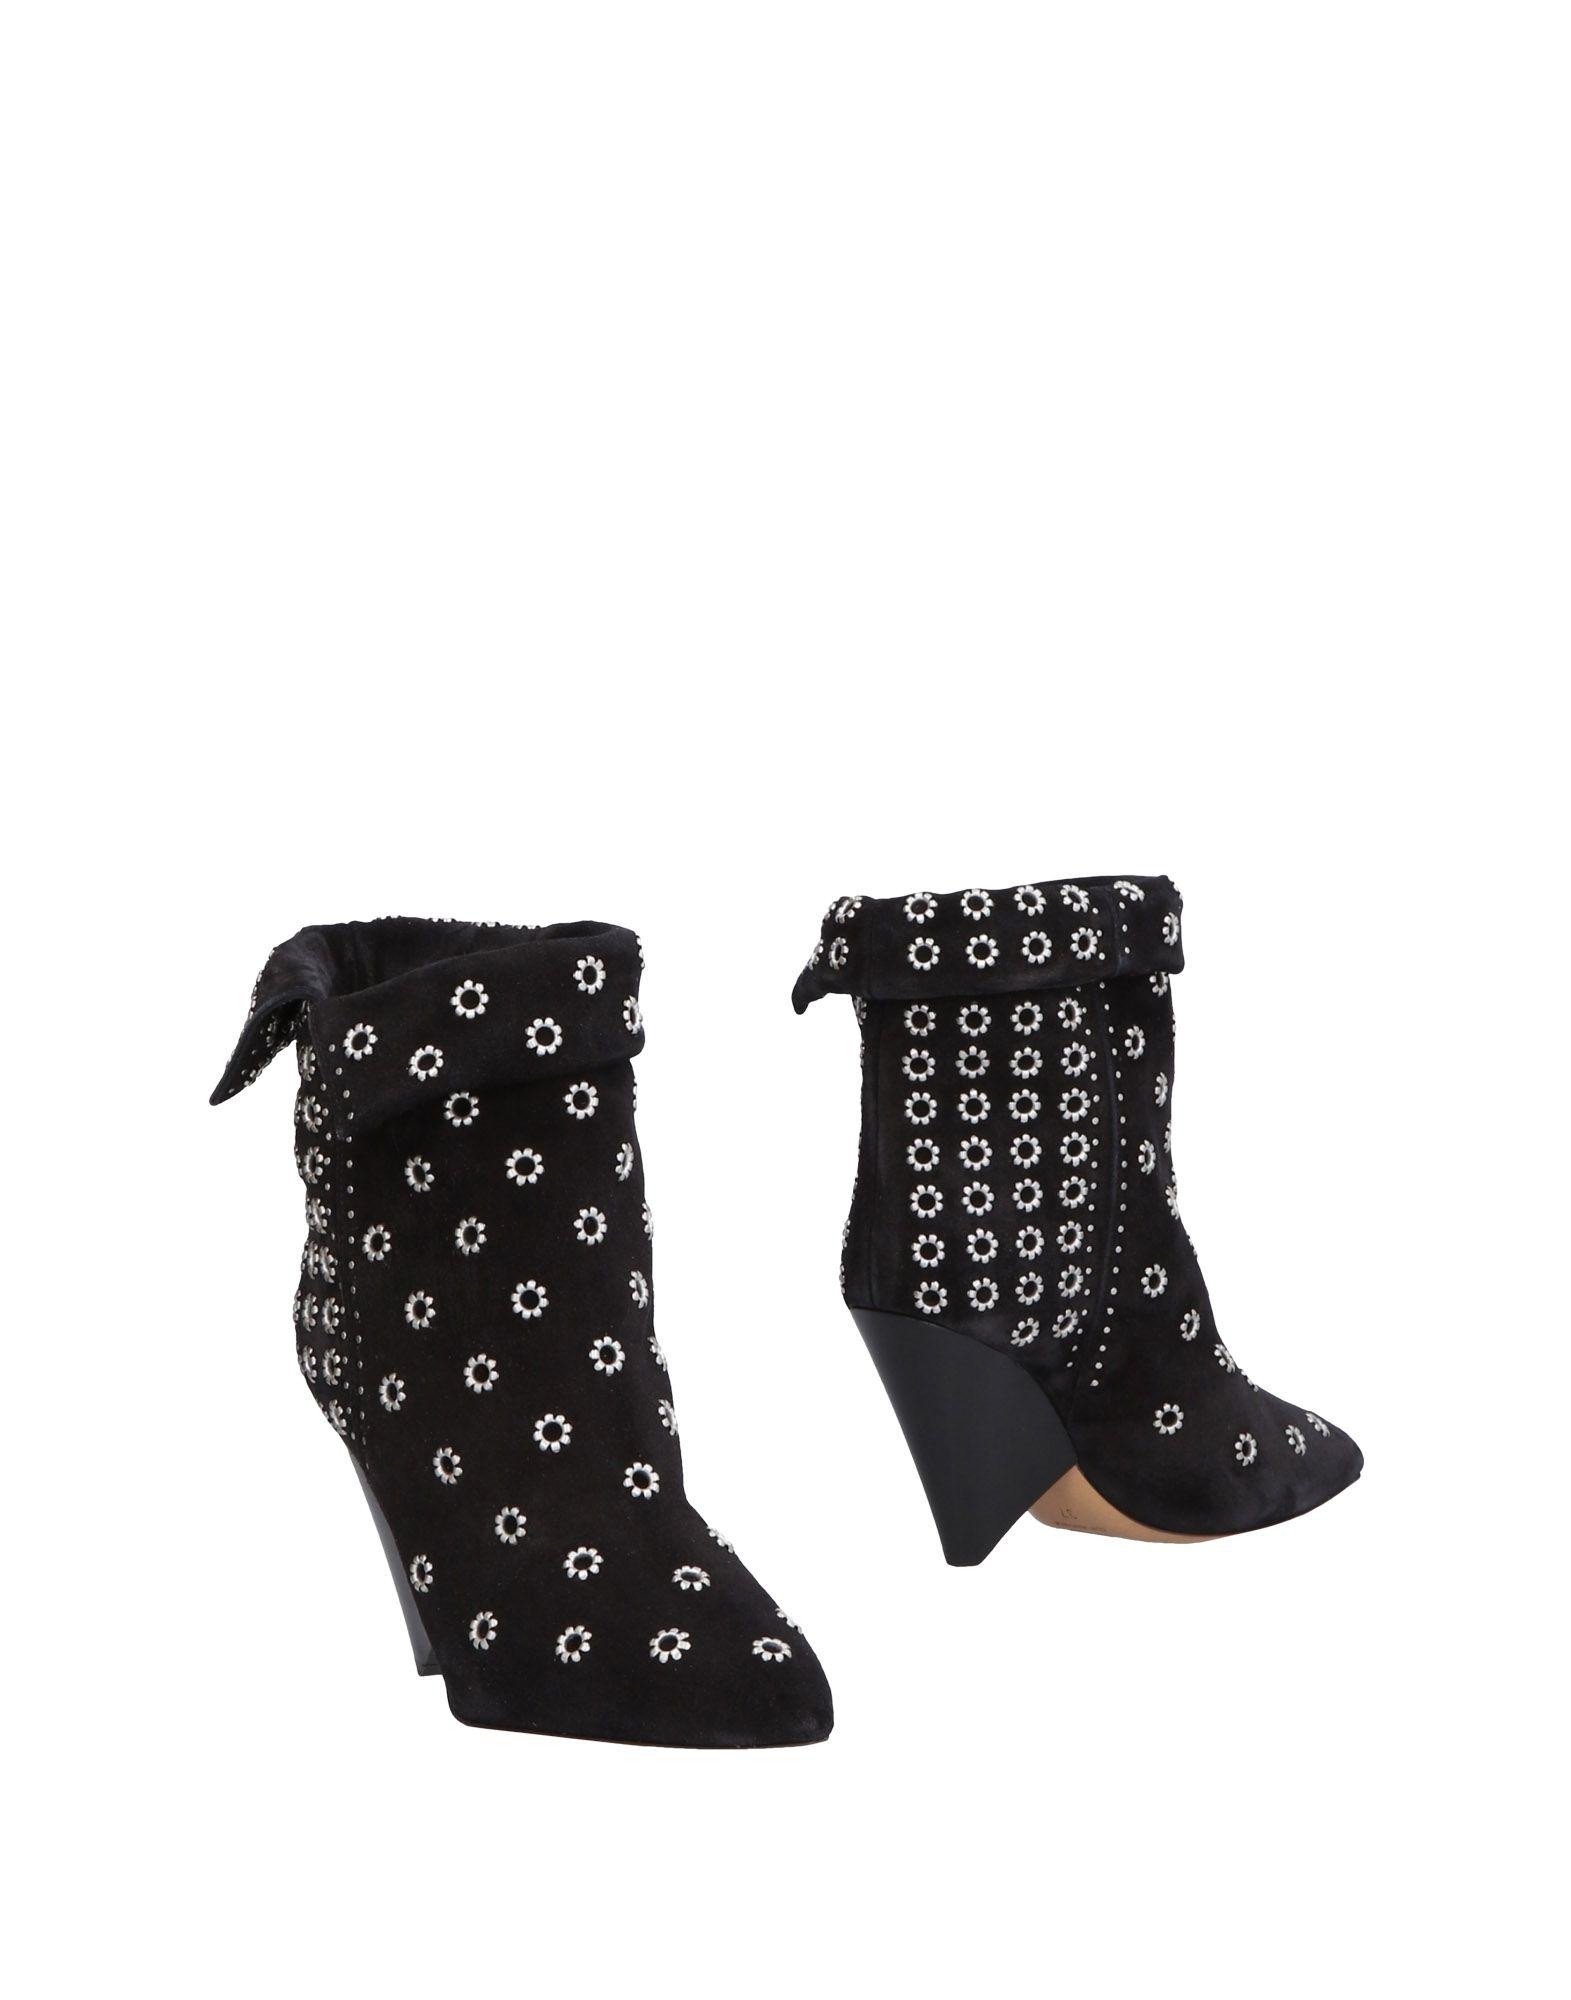 Isabel Marant Stiefelette Damen  Schuhe 11460625DIGünstige gut aussehende Schuhe  76e46c